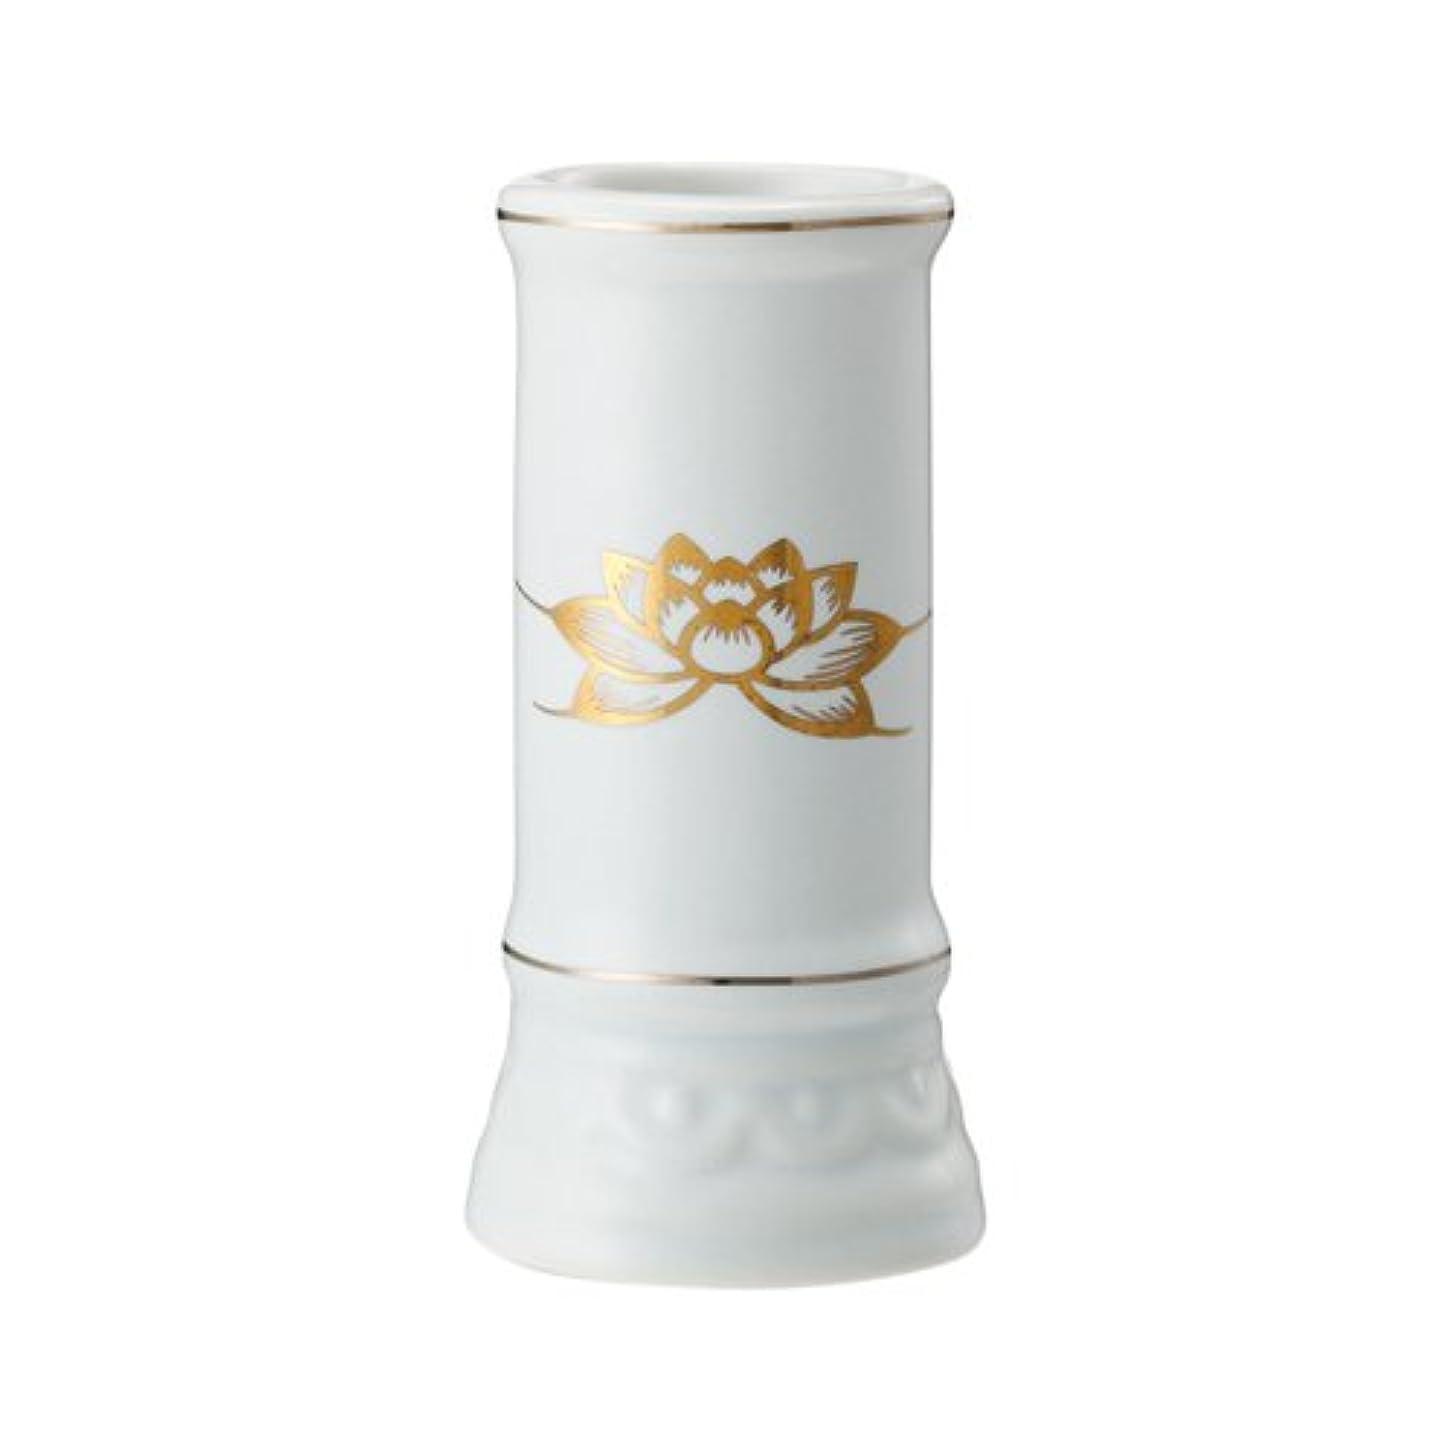 日本香堂 線香立て ミニ陶器白磁